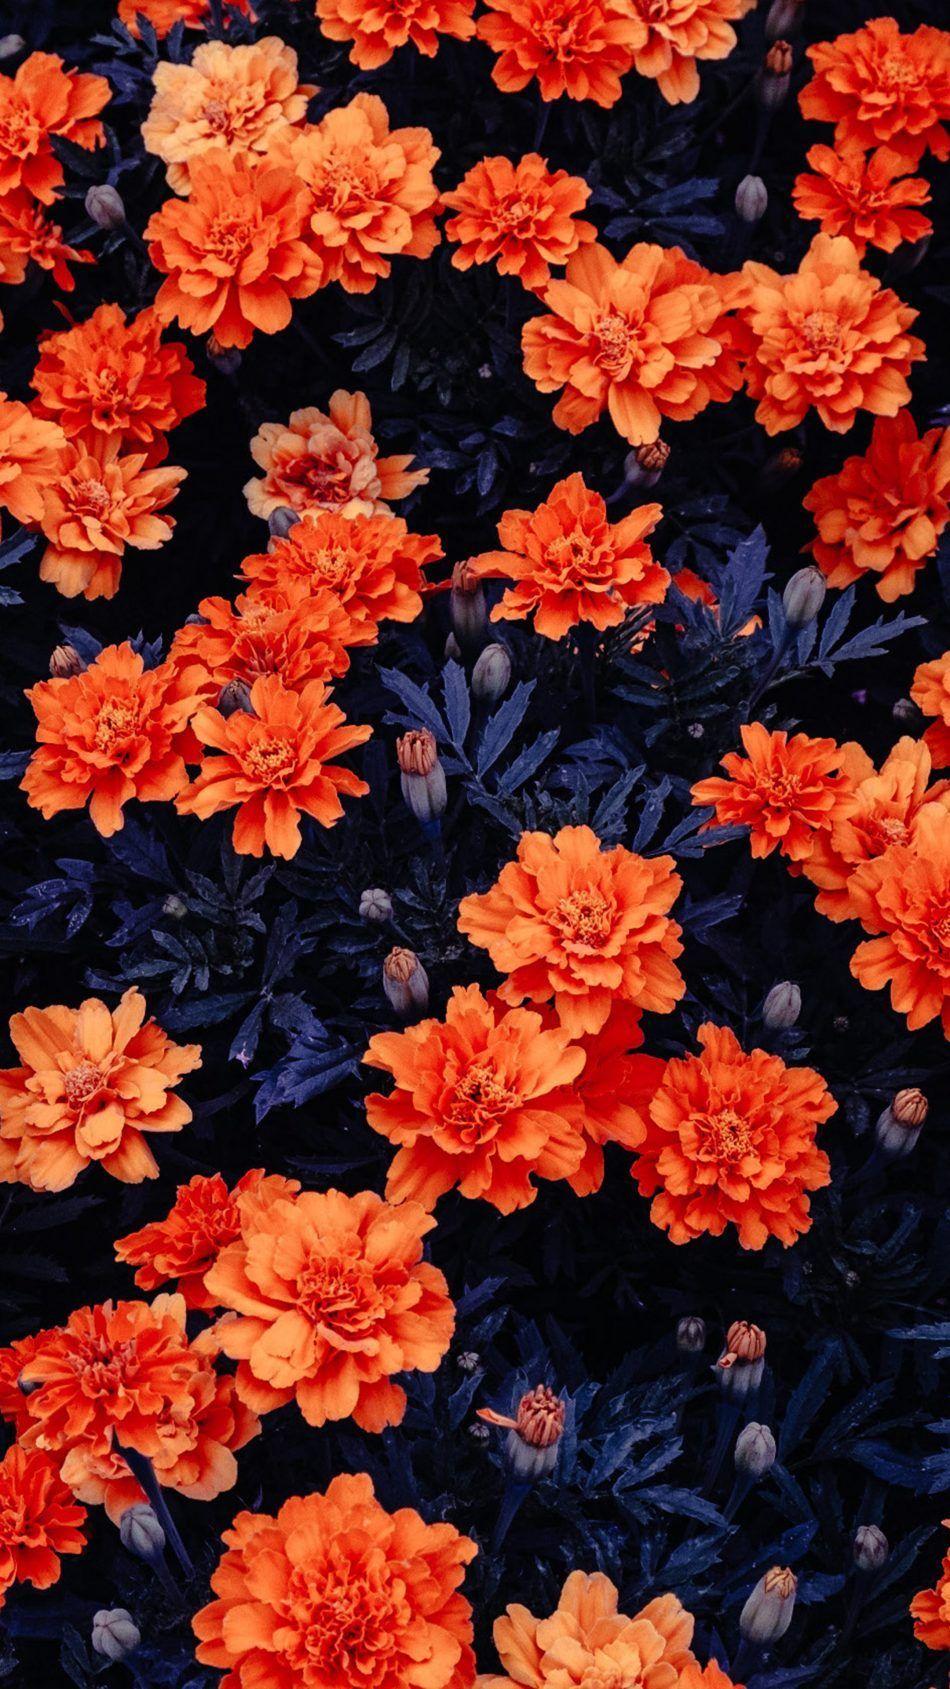 Orange Flowers Garden 4k Ultra Hd Mobile Wallpaper Summer Is The Most Colourful Season In Summe In 2020 Flower Phone Wallpaper Orange Wallpaper Flower Wallpaper